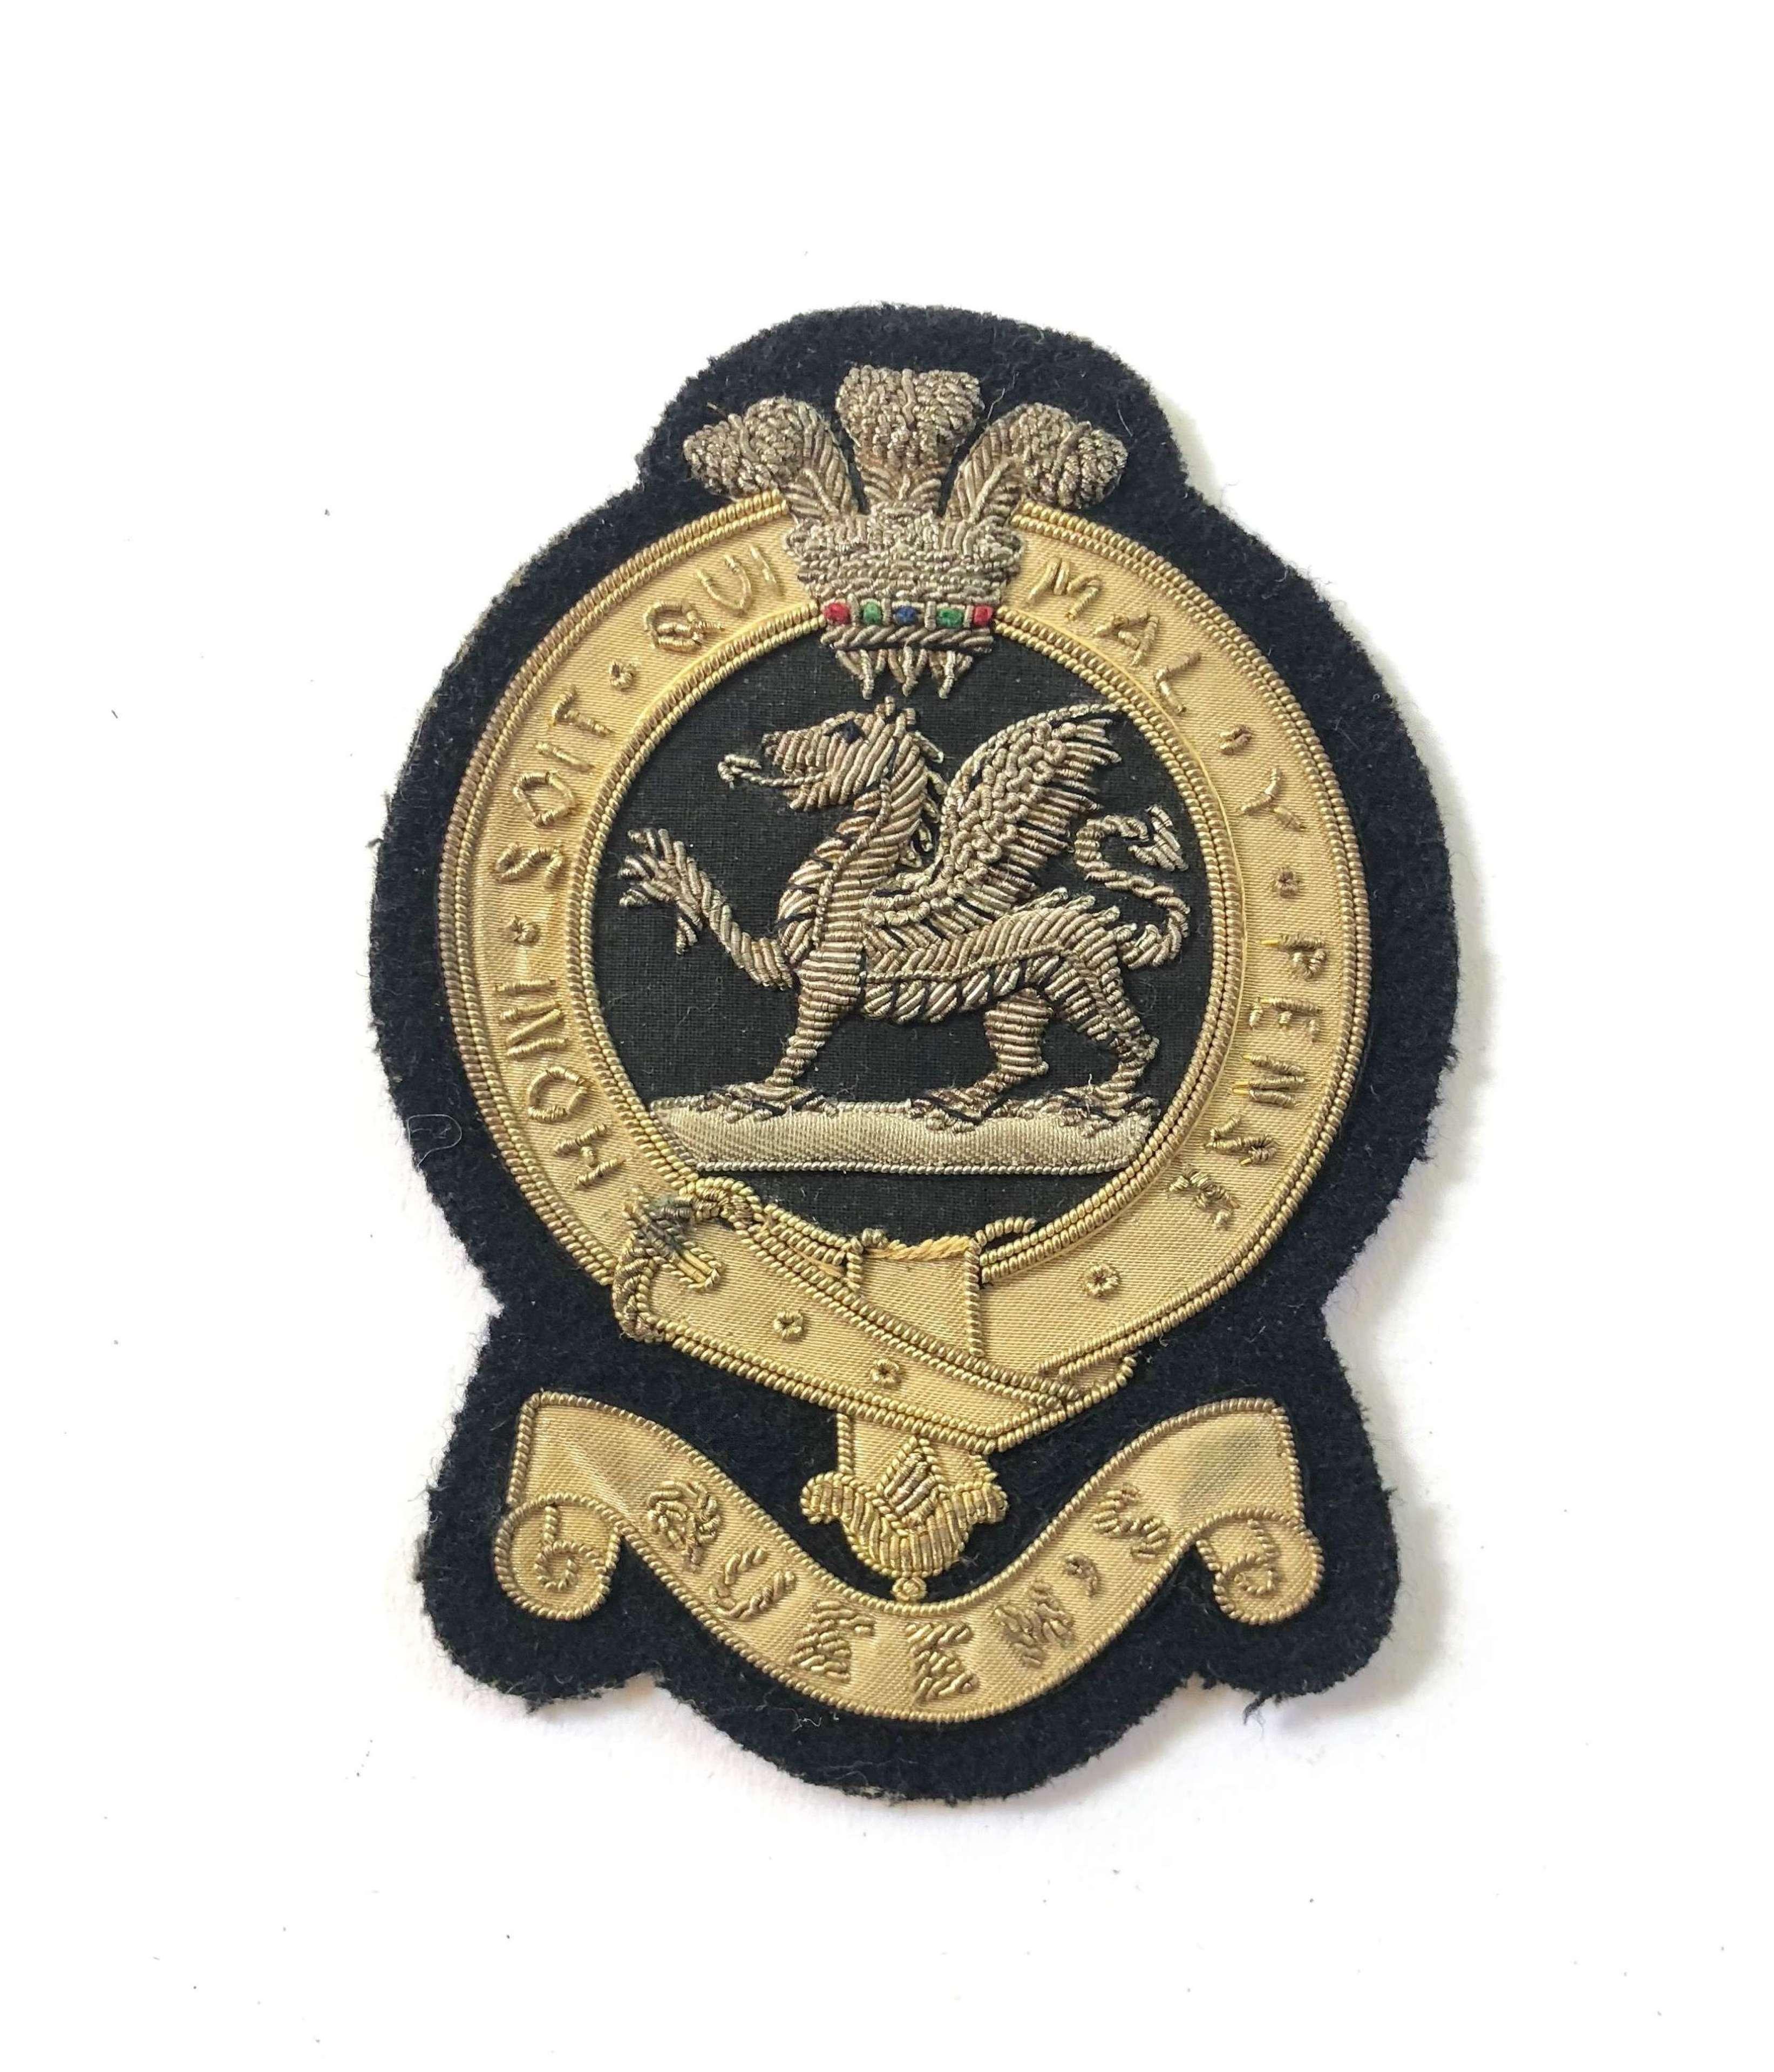 Vintage Buffs The East Kent Regiment Blazer Badge.